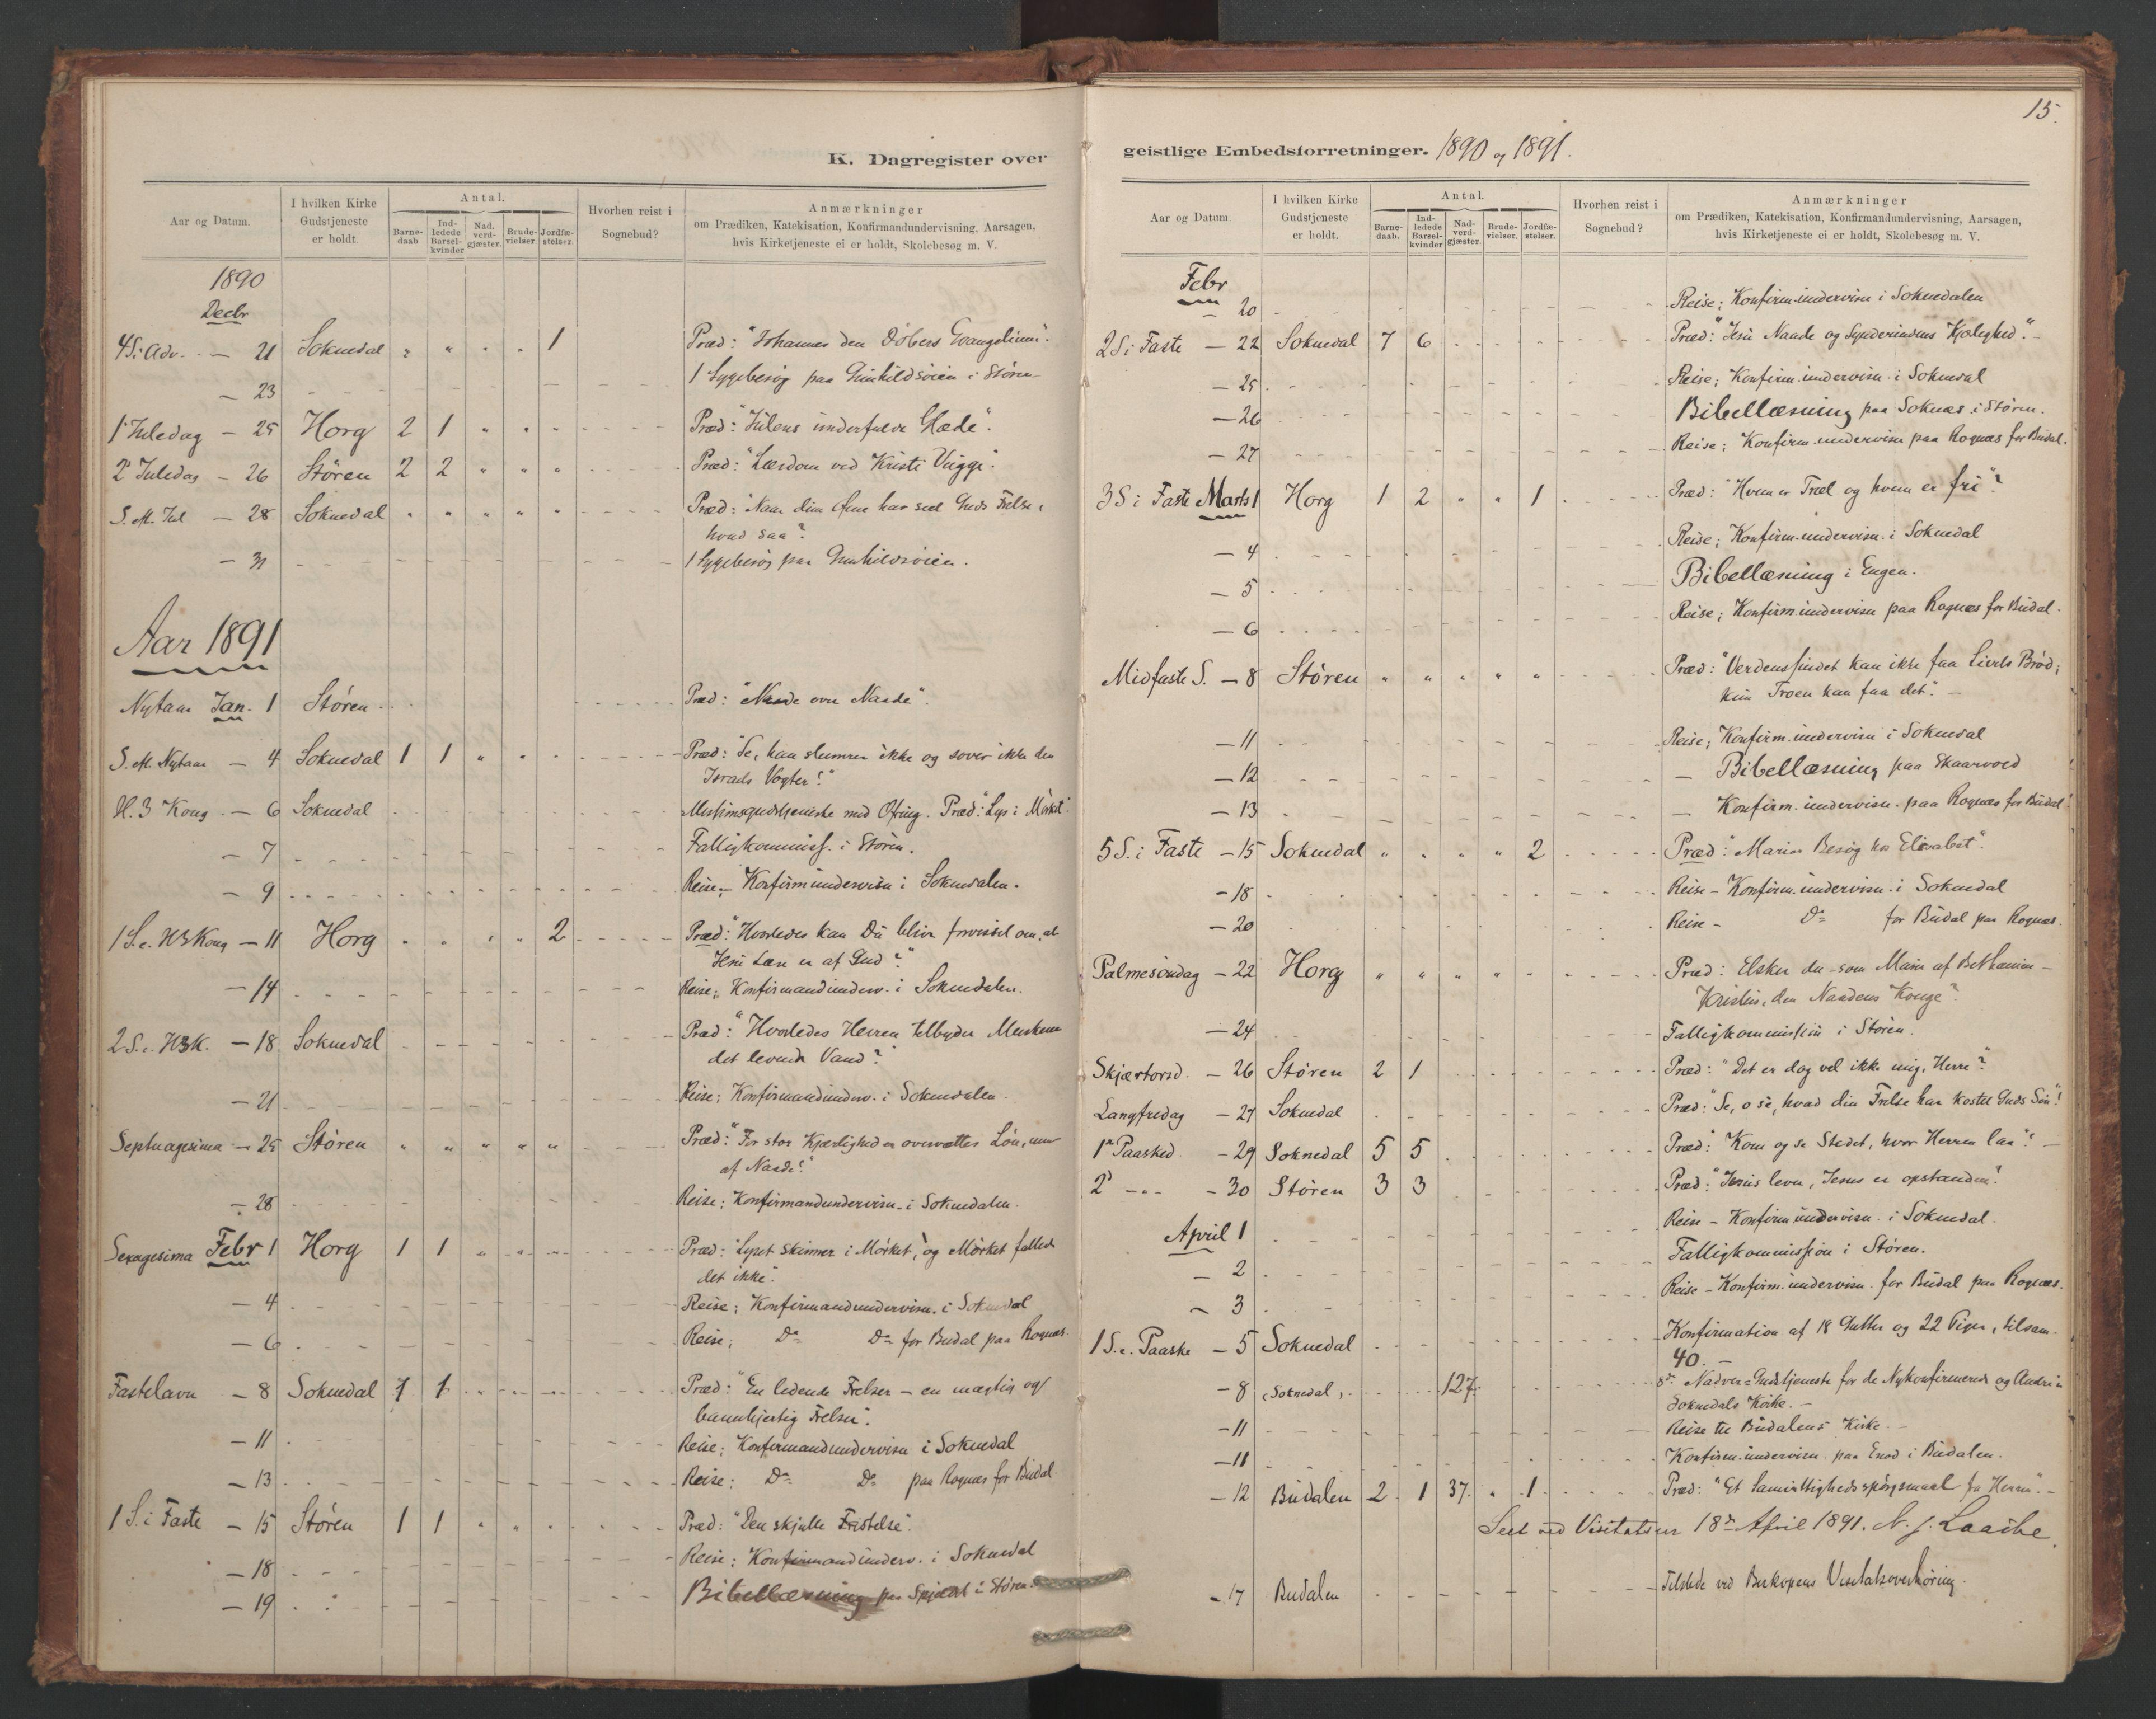 SAT, Ministerialprotokoller, klokkerbøker og fødselsregistre - Sør-Trøndelag, 687/L1012: Dagregister nr. 687B01, 1887-1914, s. 15